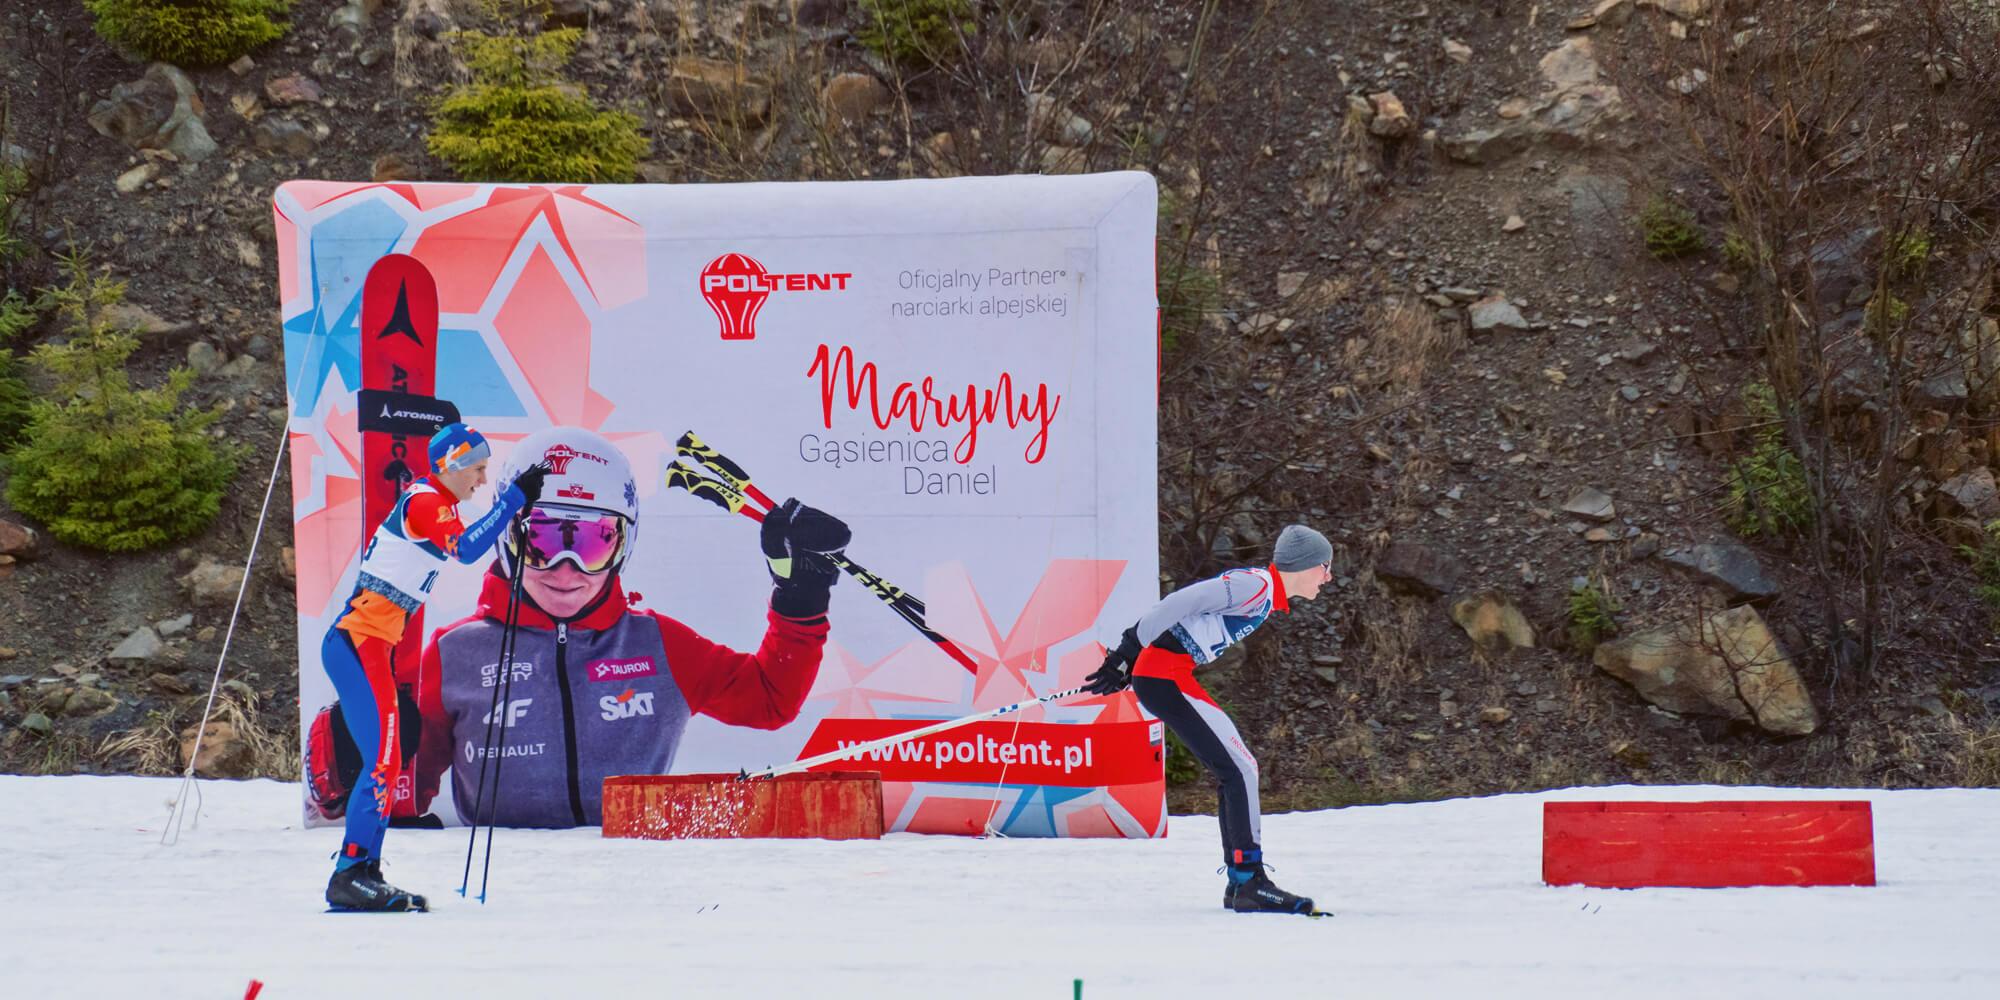 Mistrzostwa w biegach narciarskich - dmuchany billboard ekran VENTO